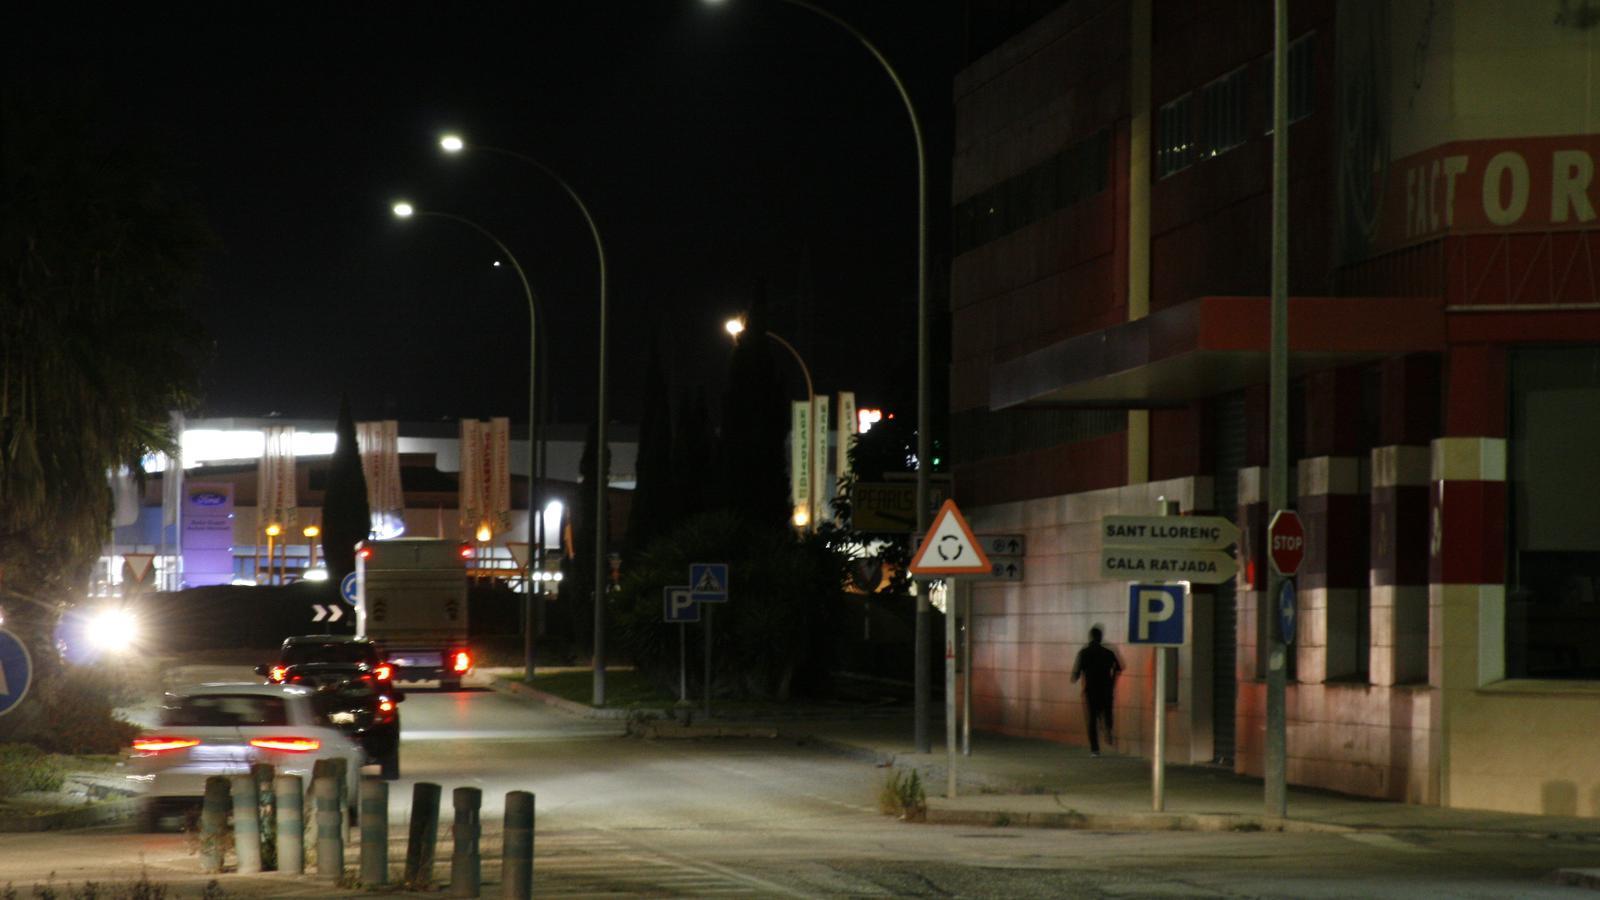 La manca de llum durant els vespres ve provocant moltes queixes dels veïnats.